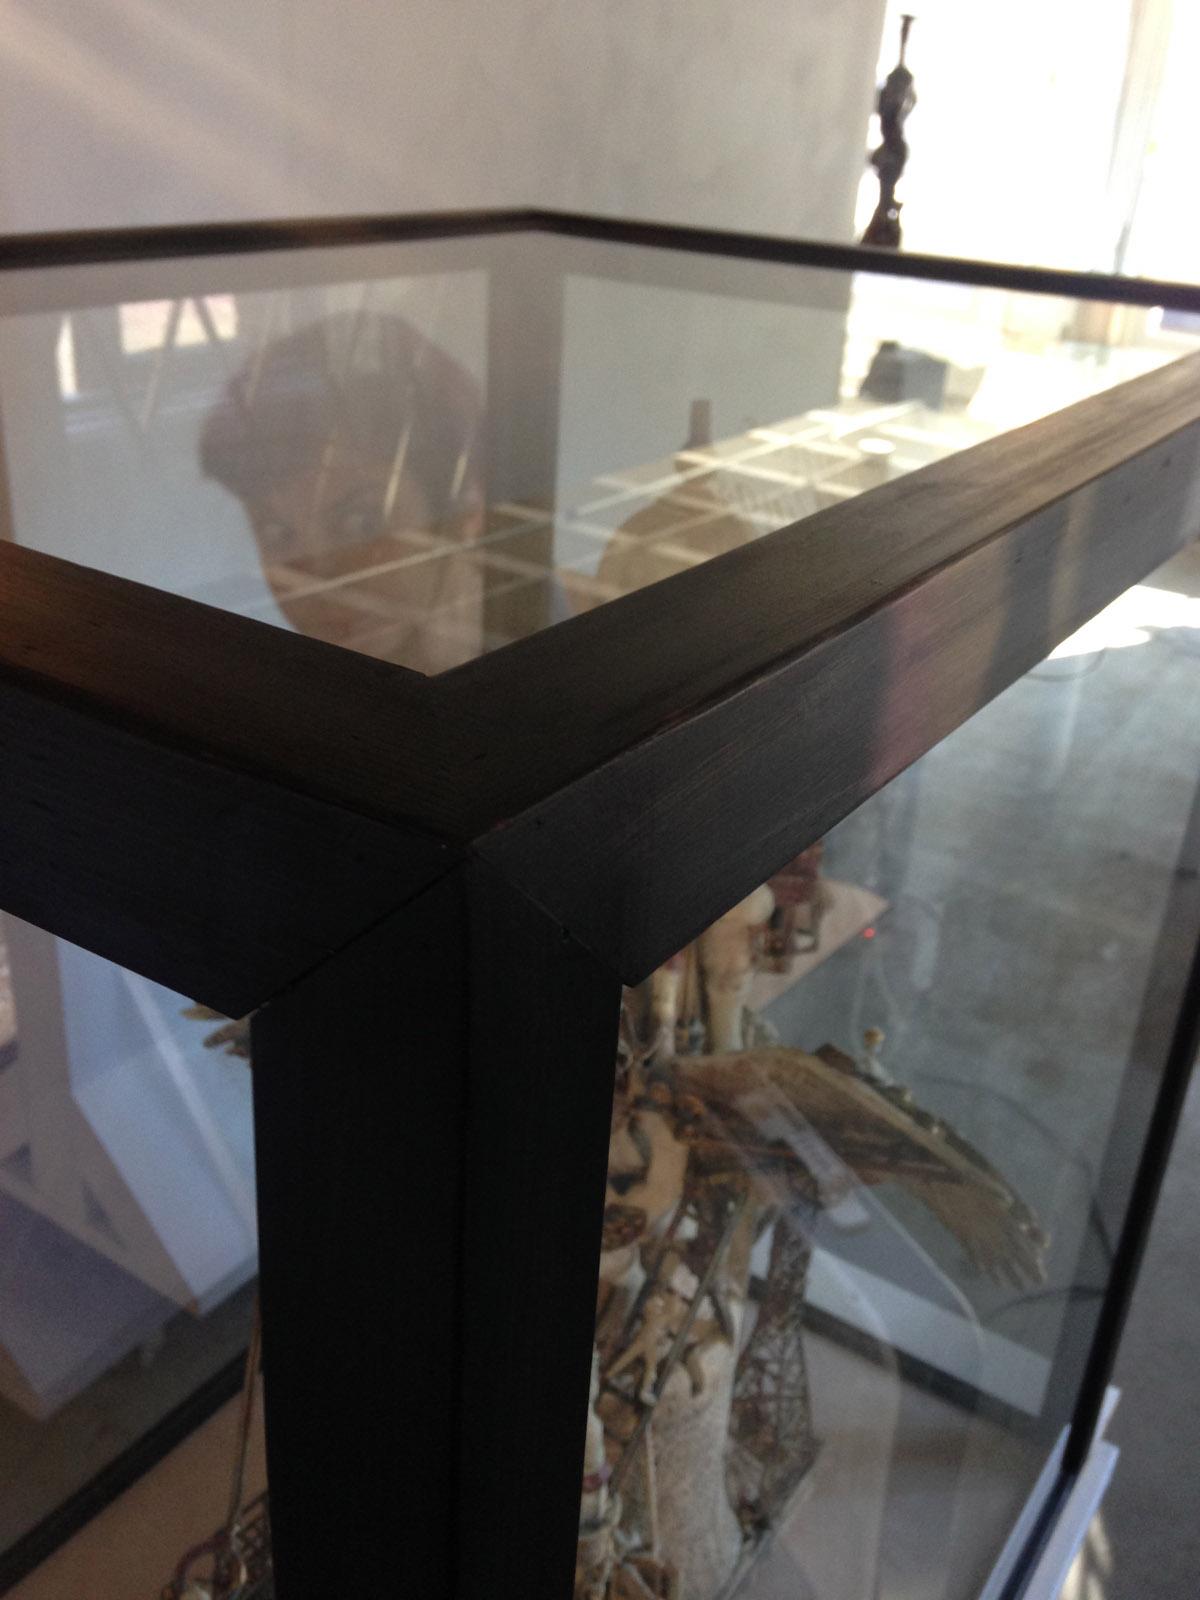 Yvettes display case.jpg